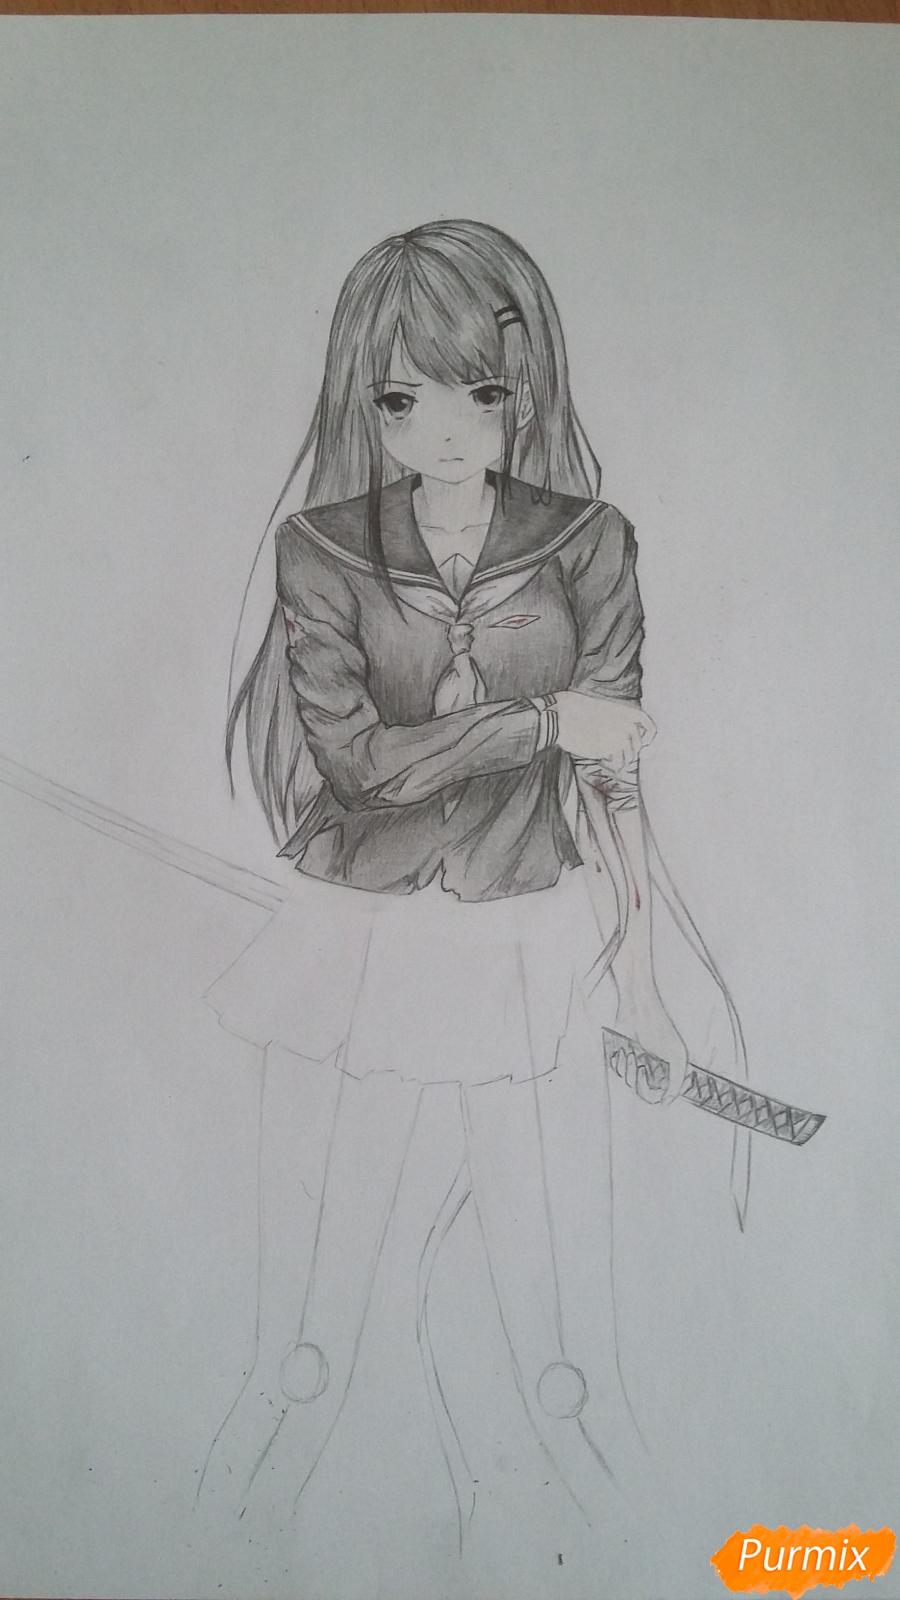 Рисуем девушку с катаной в аниме стиле - шаг 12